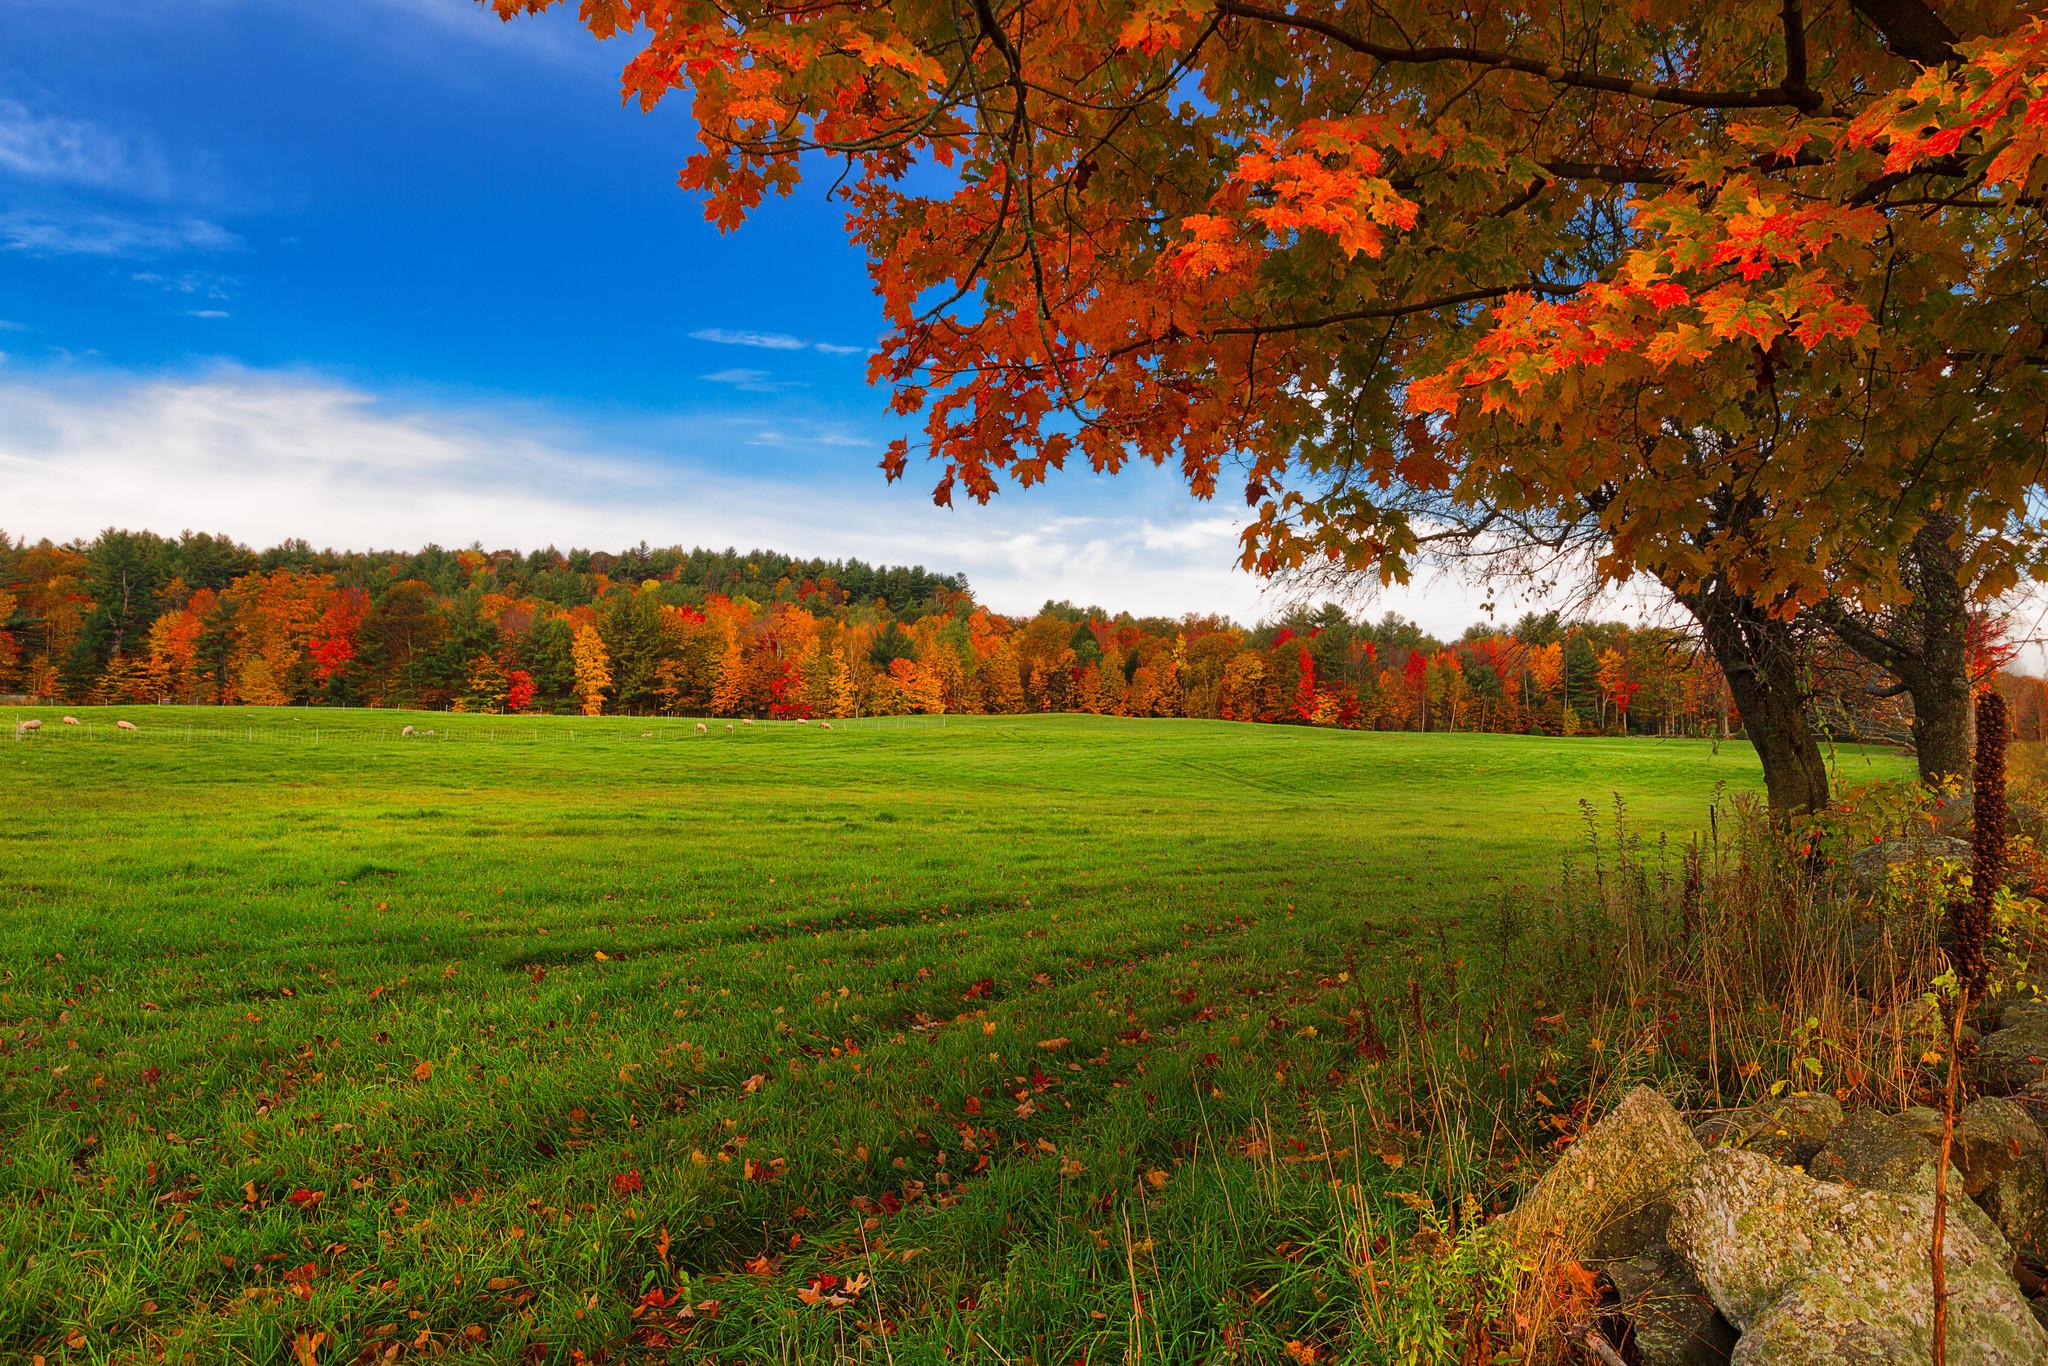 объясняется фото осень поле лес вставки страницу